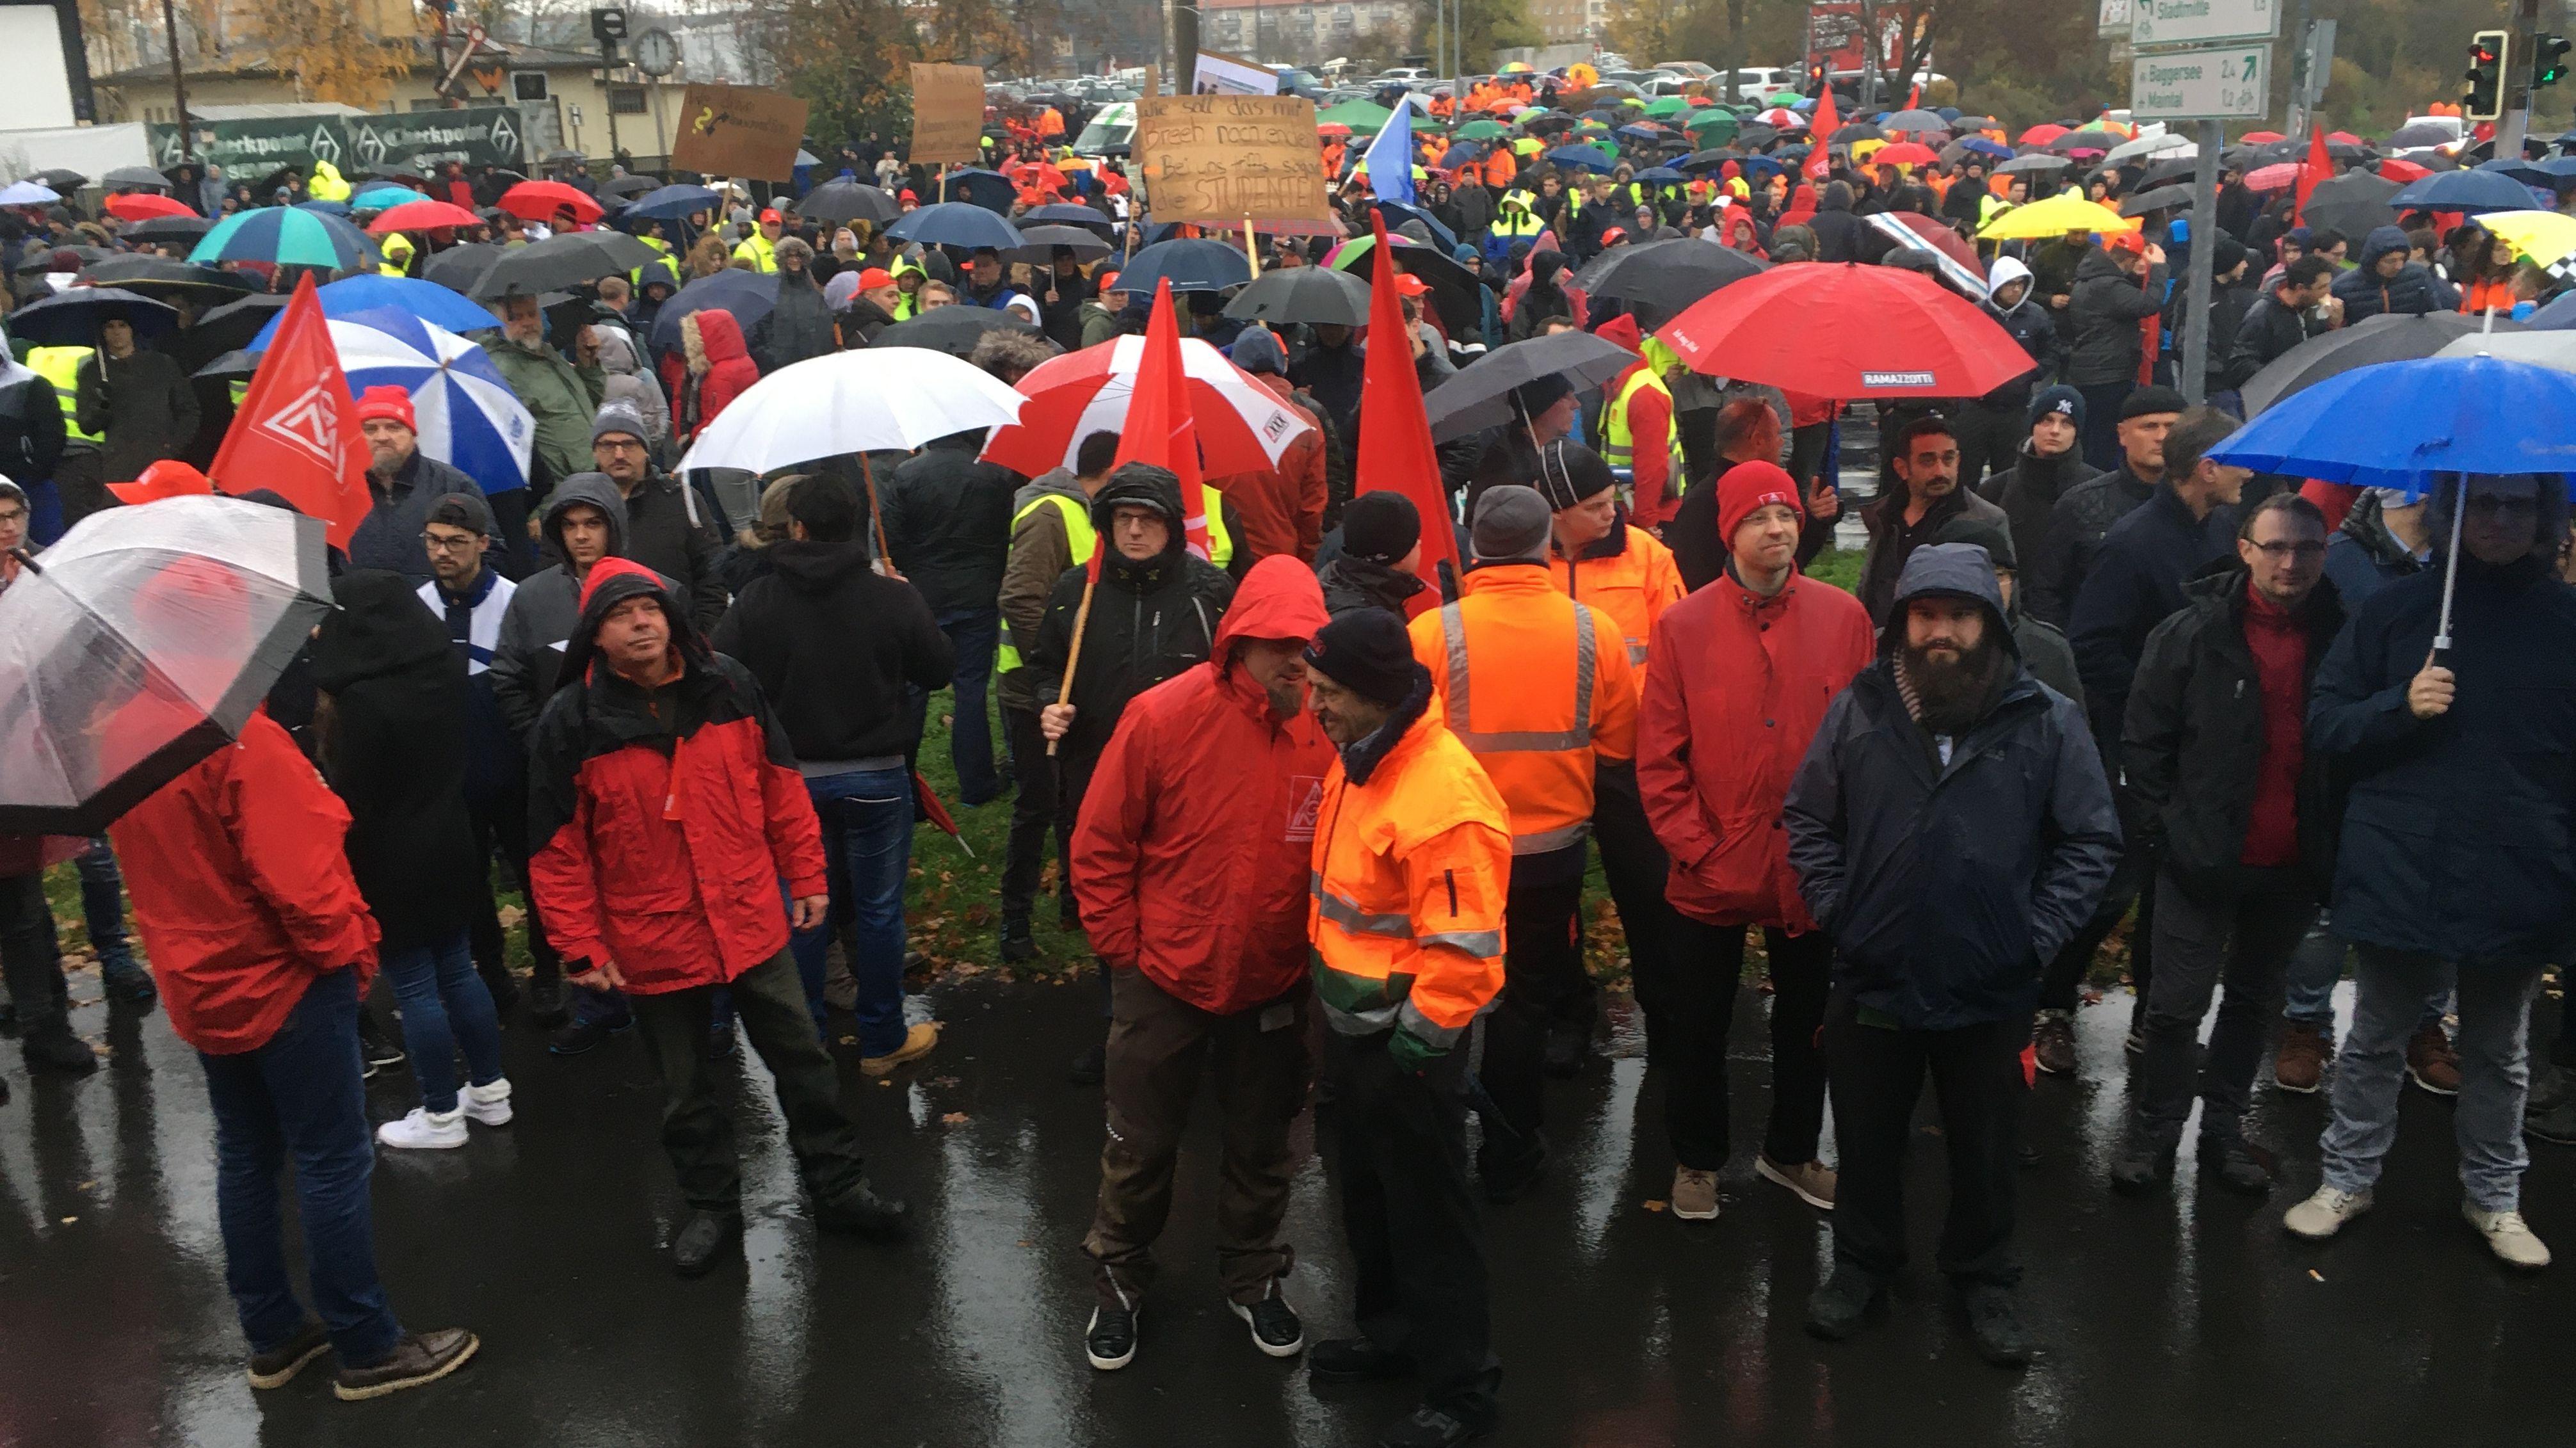 Bei einer Kundgebung in Schweinfurt wollen Mitglieder der IG Metall gegen möglichen Abbau von Arbeitsplätzen protestieren.